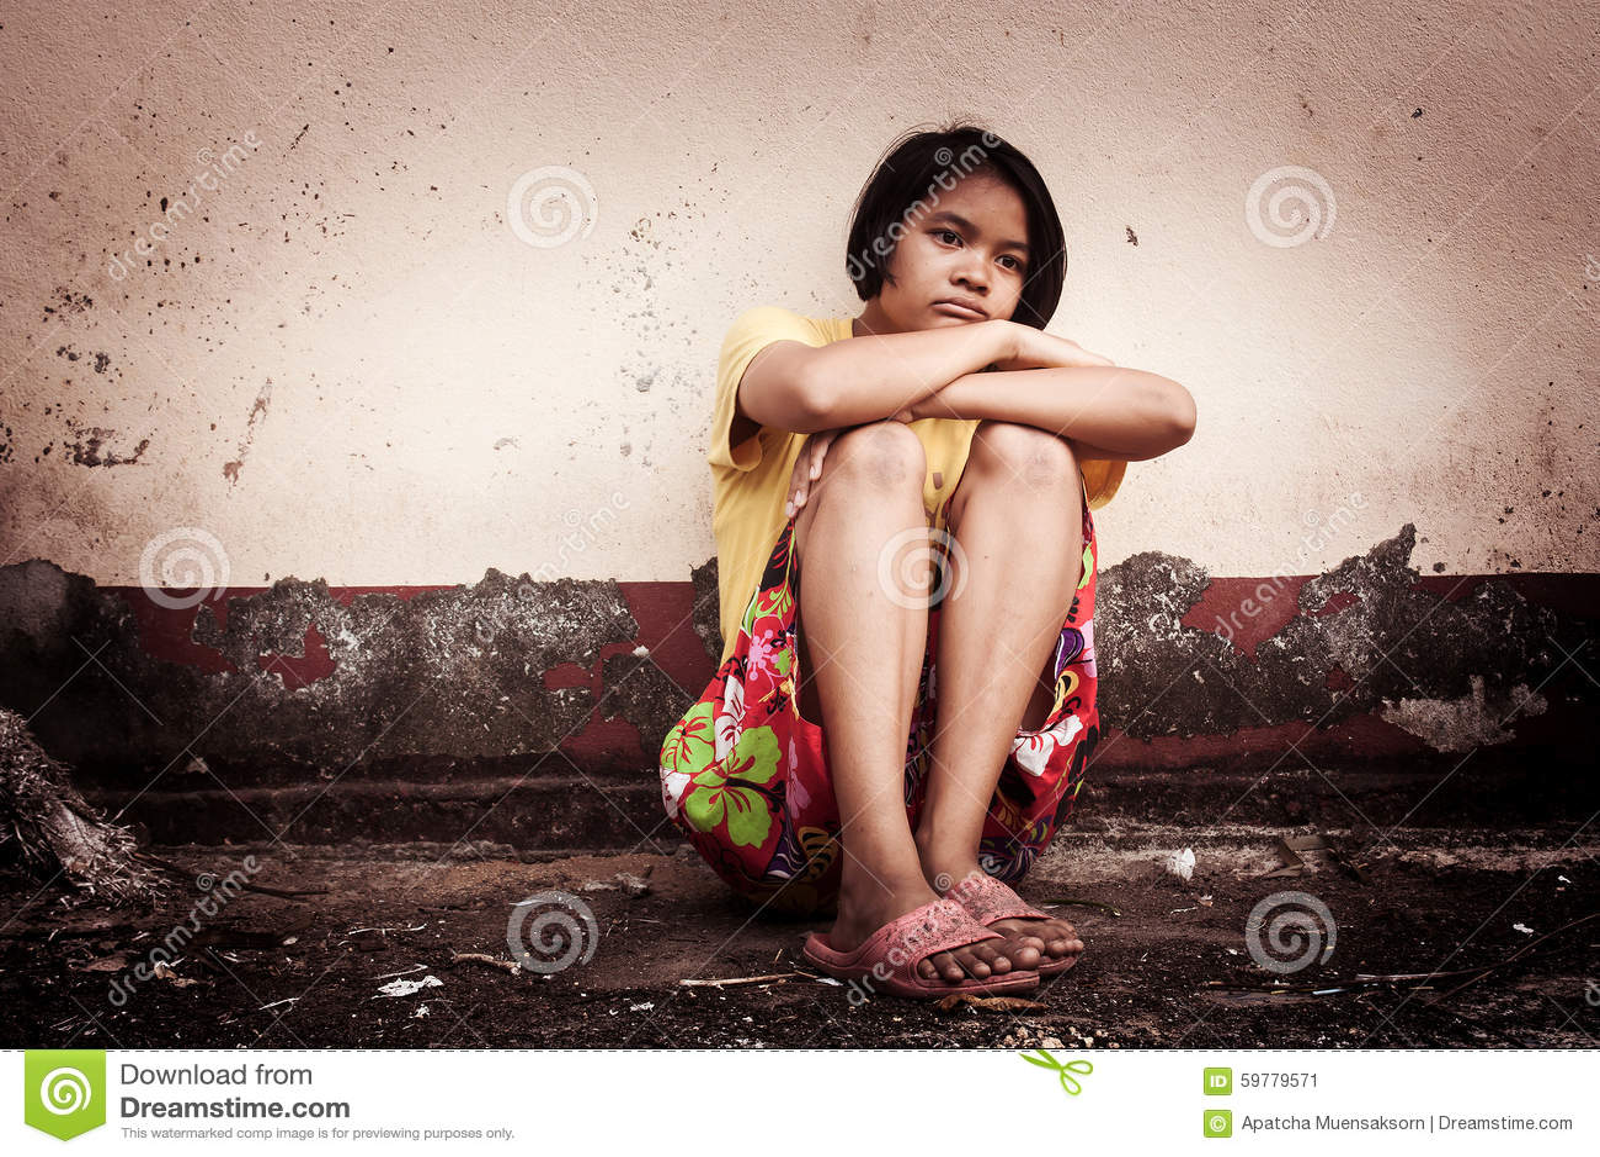 Asian girl alone